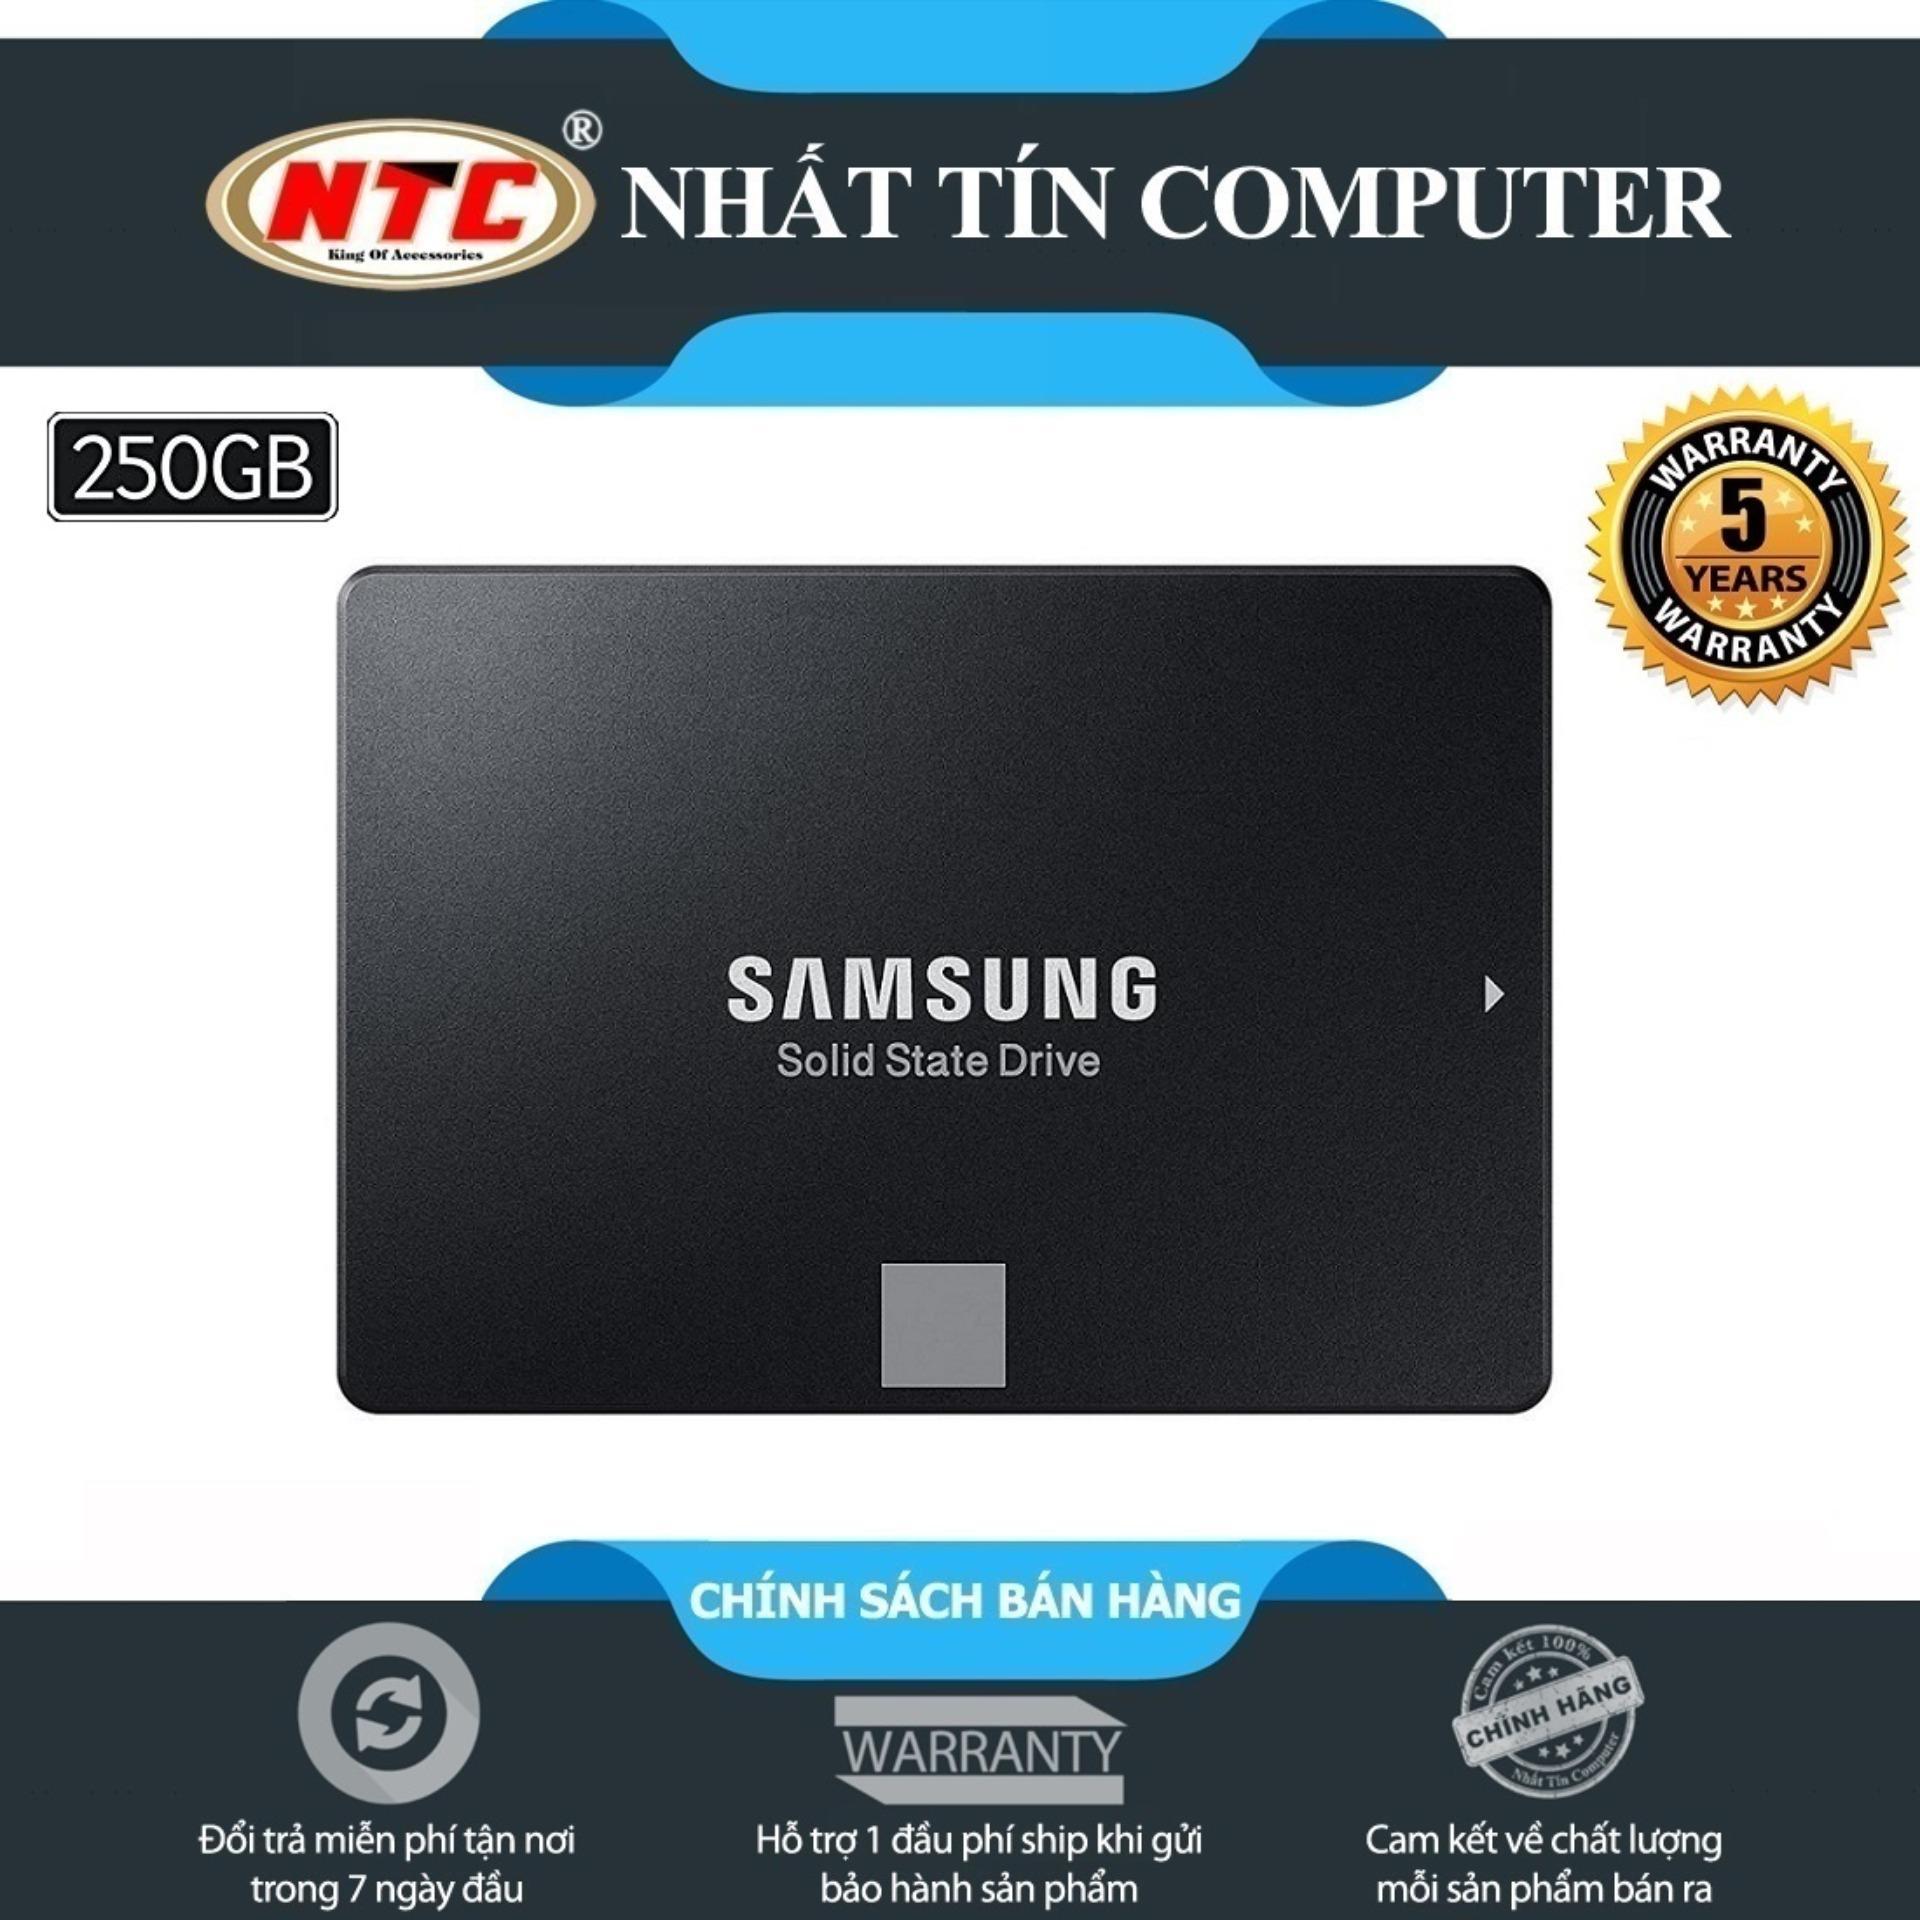 Hình ảnh Ổ cứng SSD Samsung 860 Evo 250GB 2.5-Inch SATA III - box Hoa (Đen) - Bảo hành 5 năm